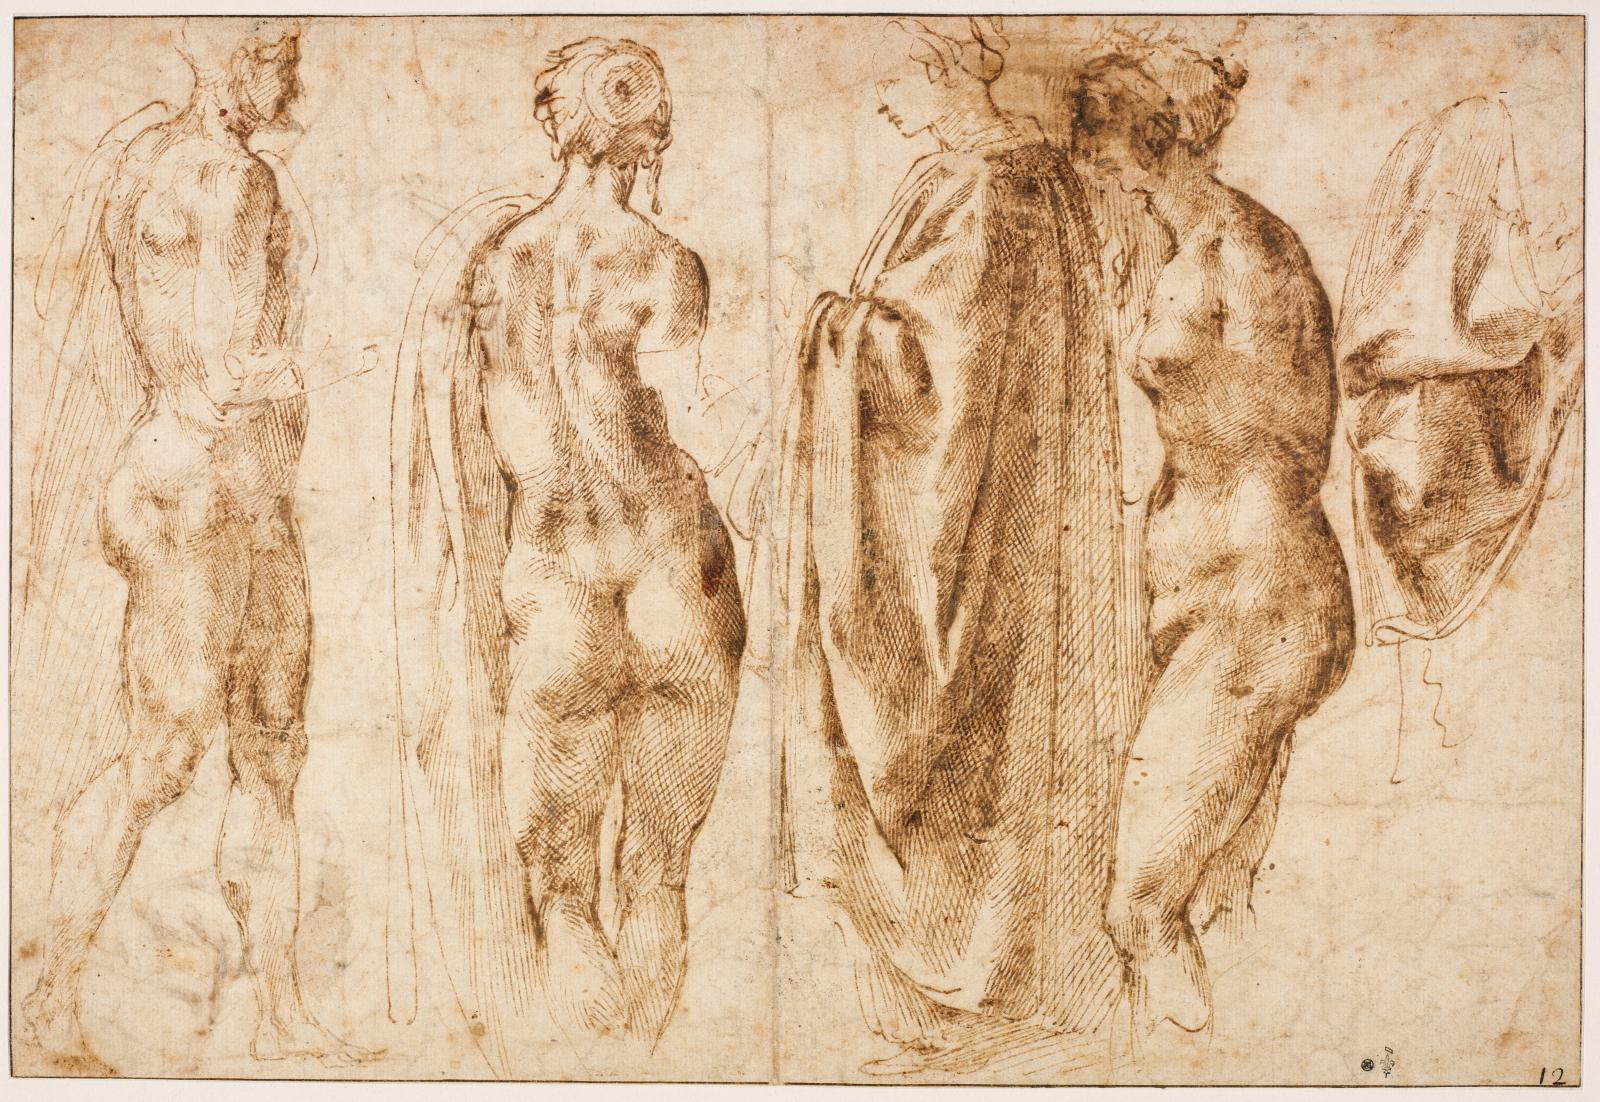 Michelangelo Buonarroti, dit Michel-Ange (1475-1564), Groupe de quatre figures debout et un drapé, plume, encre brune et grise, Chantilly, musée Condé